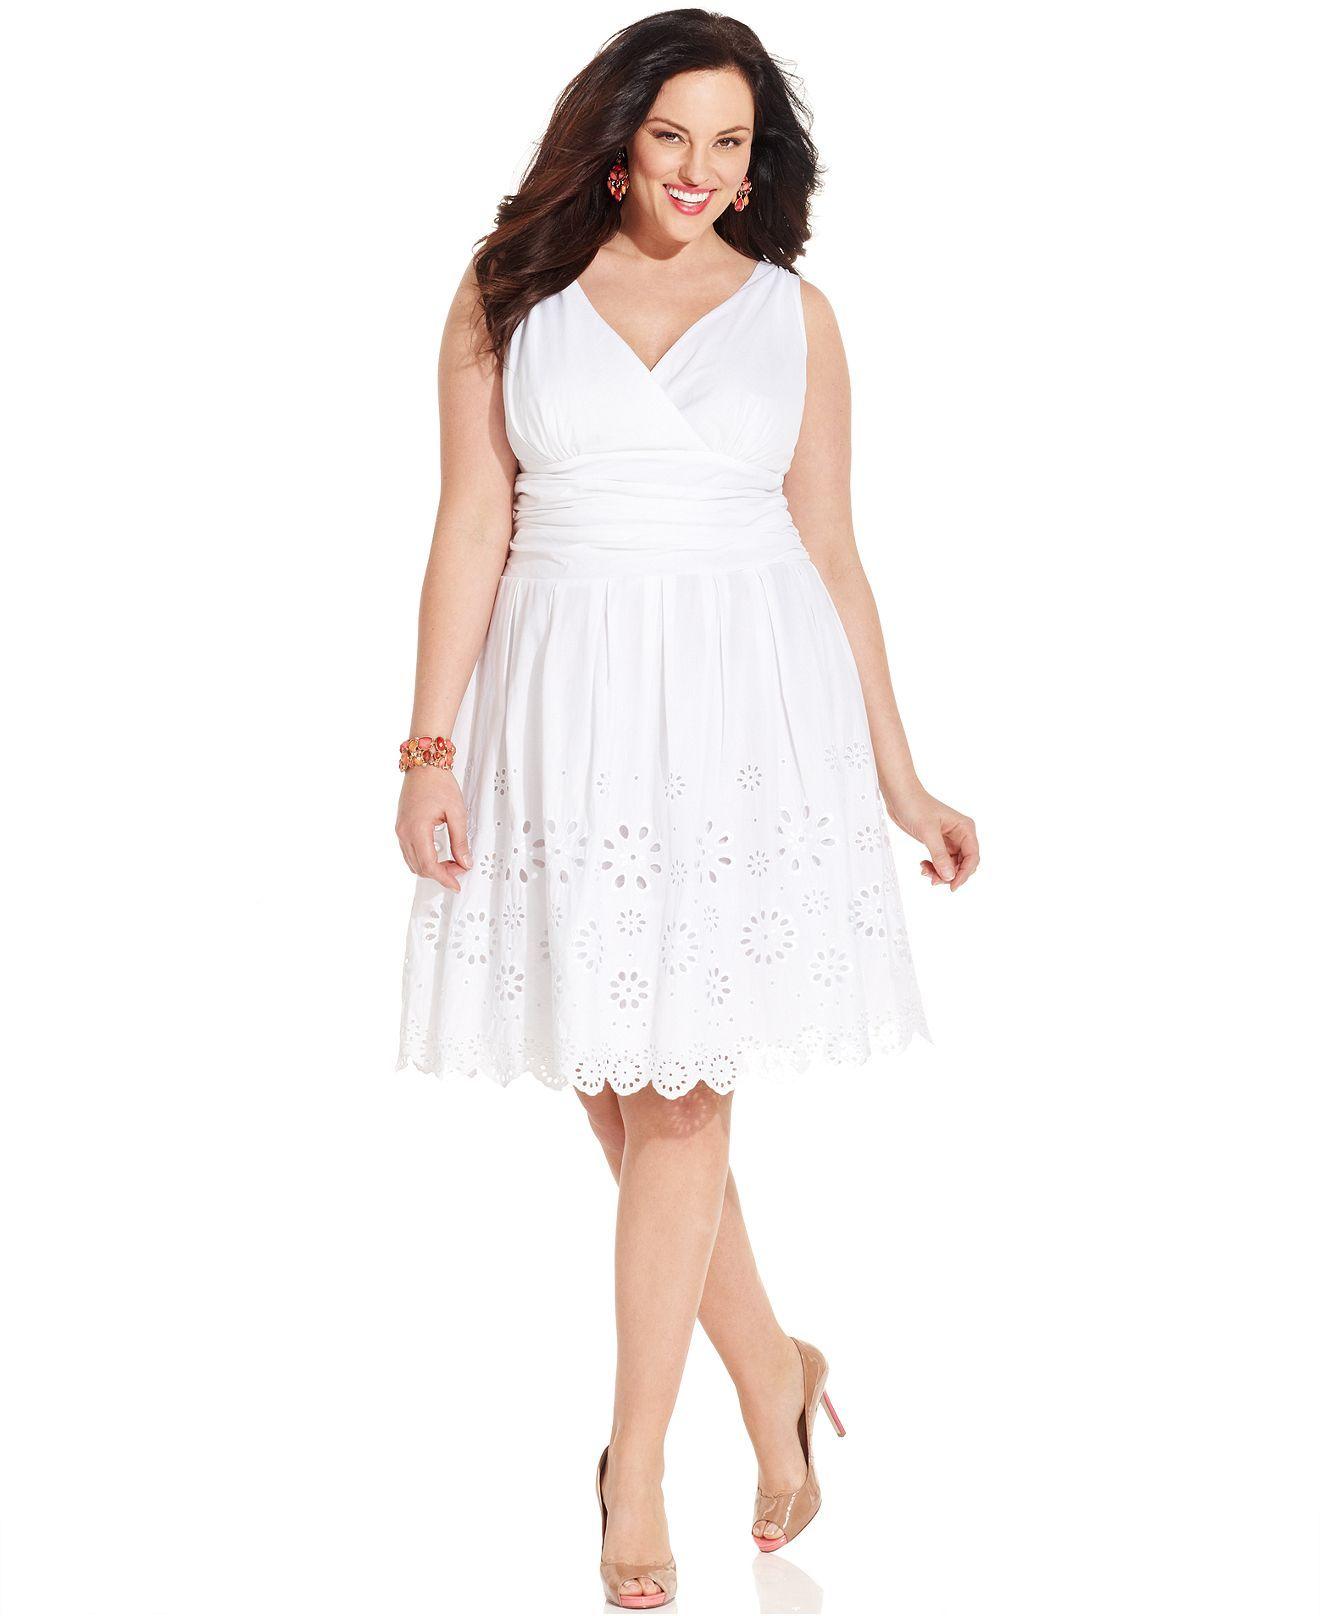 Sl Fashions Plus Size Dress Sleeveless Ruched Eyelet Plus Size